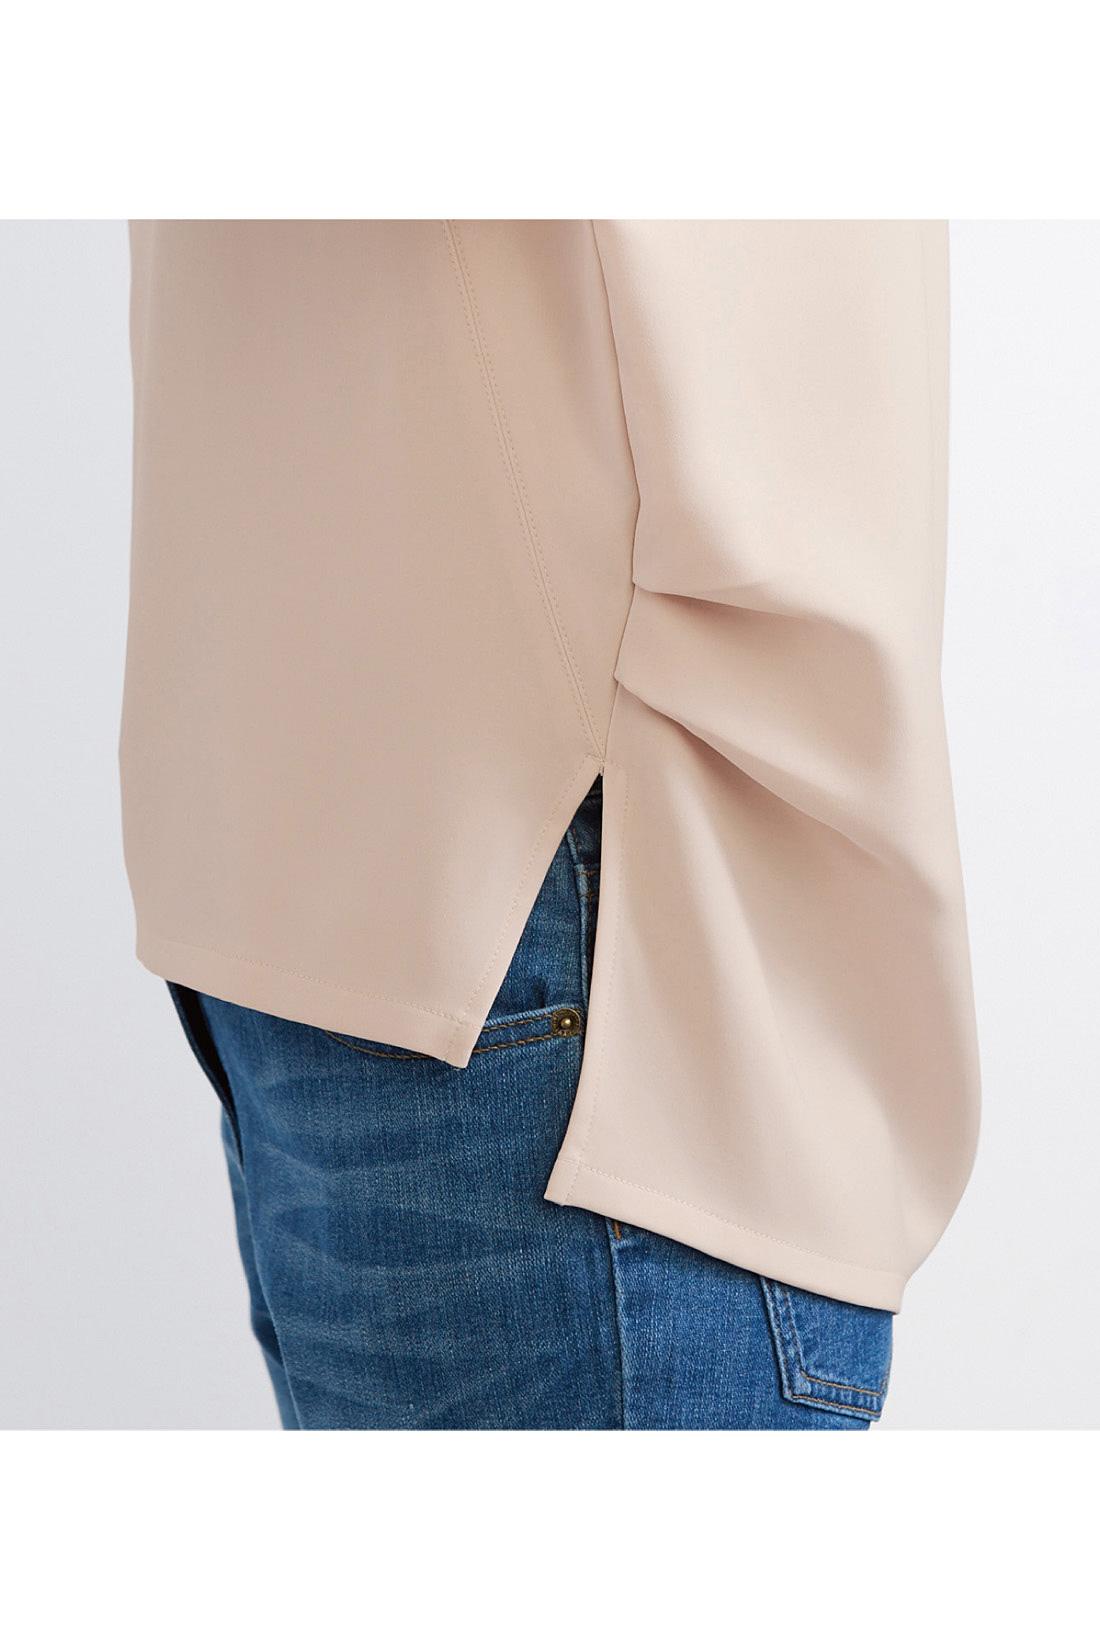 ウエストバックのタックでふんわり丸みのあるシルエット。ヒップまで隠れる安心の丈感です。※お届けするカラーとは異なります。